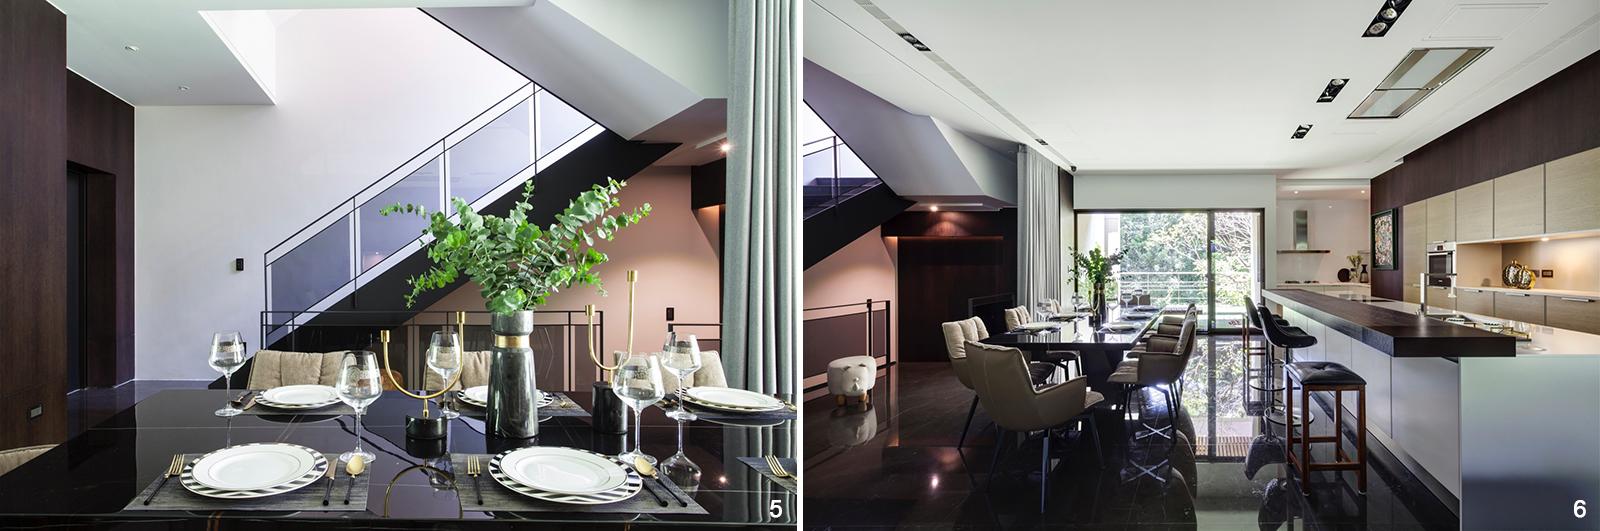 5. 餐桌選用具有獨特的紋理的天然石材,彰顯居家大器質感。 6. 充滿綠意的陽台令日光灑落全室,避免客、餐廳昏暗的問題。